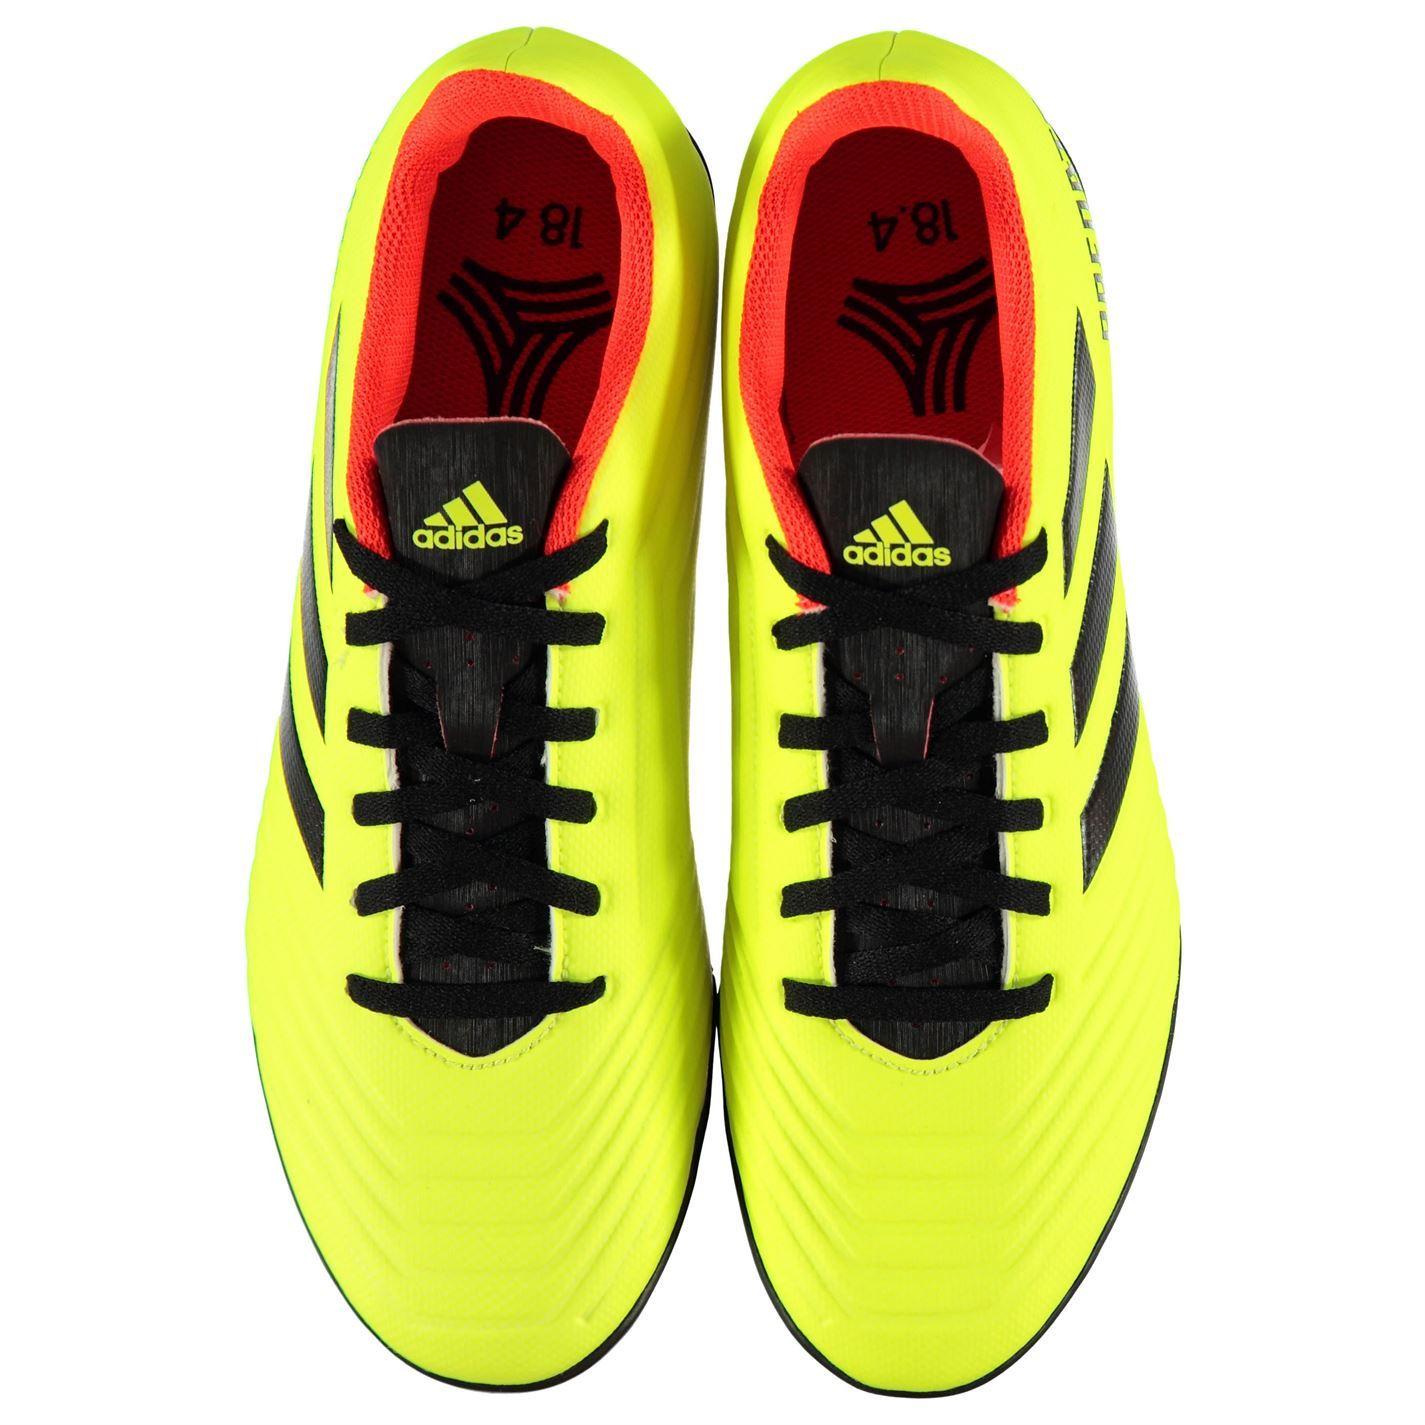 c52110ae0 detailing 60dab 53026 Predator Tango 18.3 Turf Boots  brand new 8a70d ee898  ... adidas Predator Tango 18.4 Astro Turf Football Trainers Mens